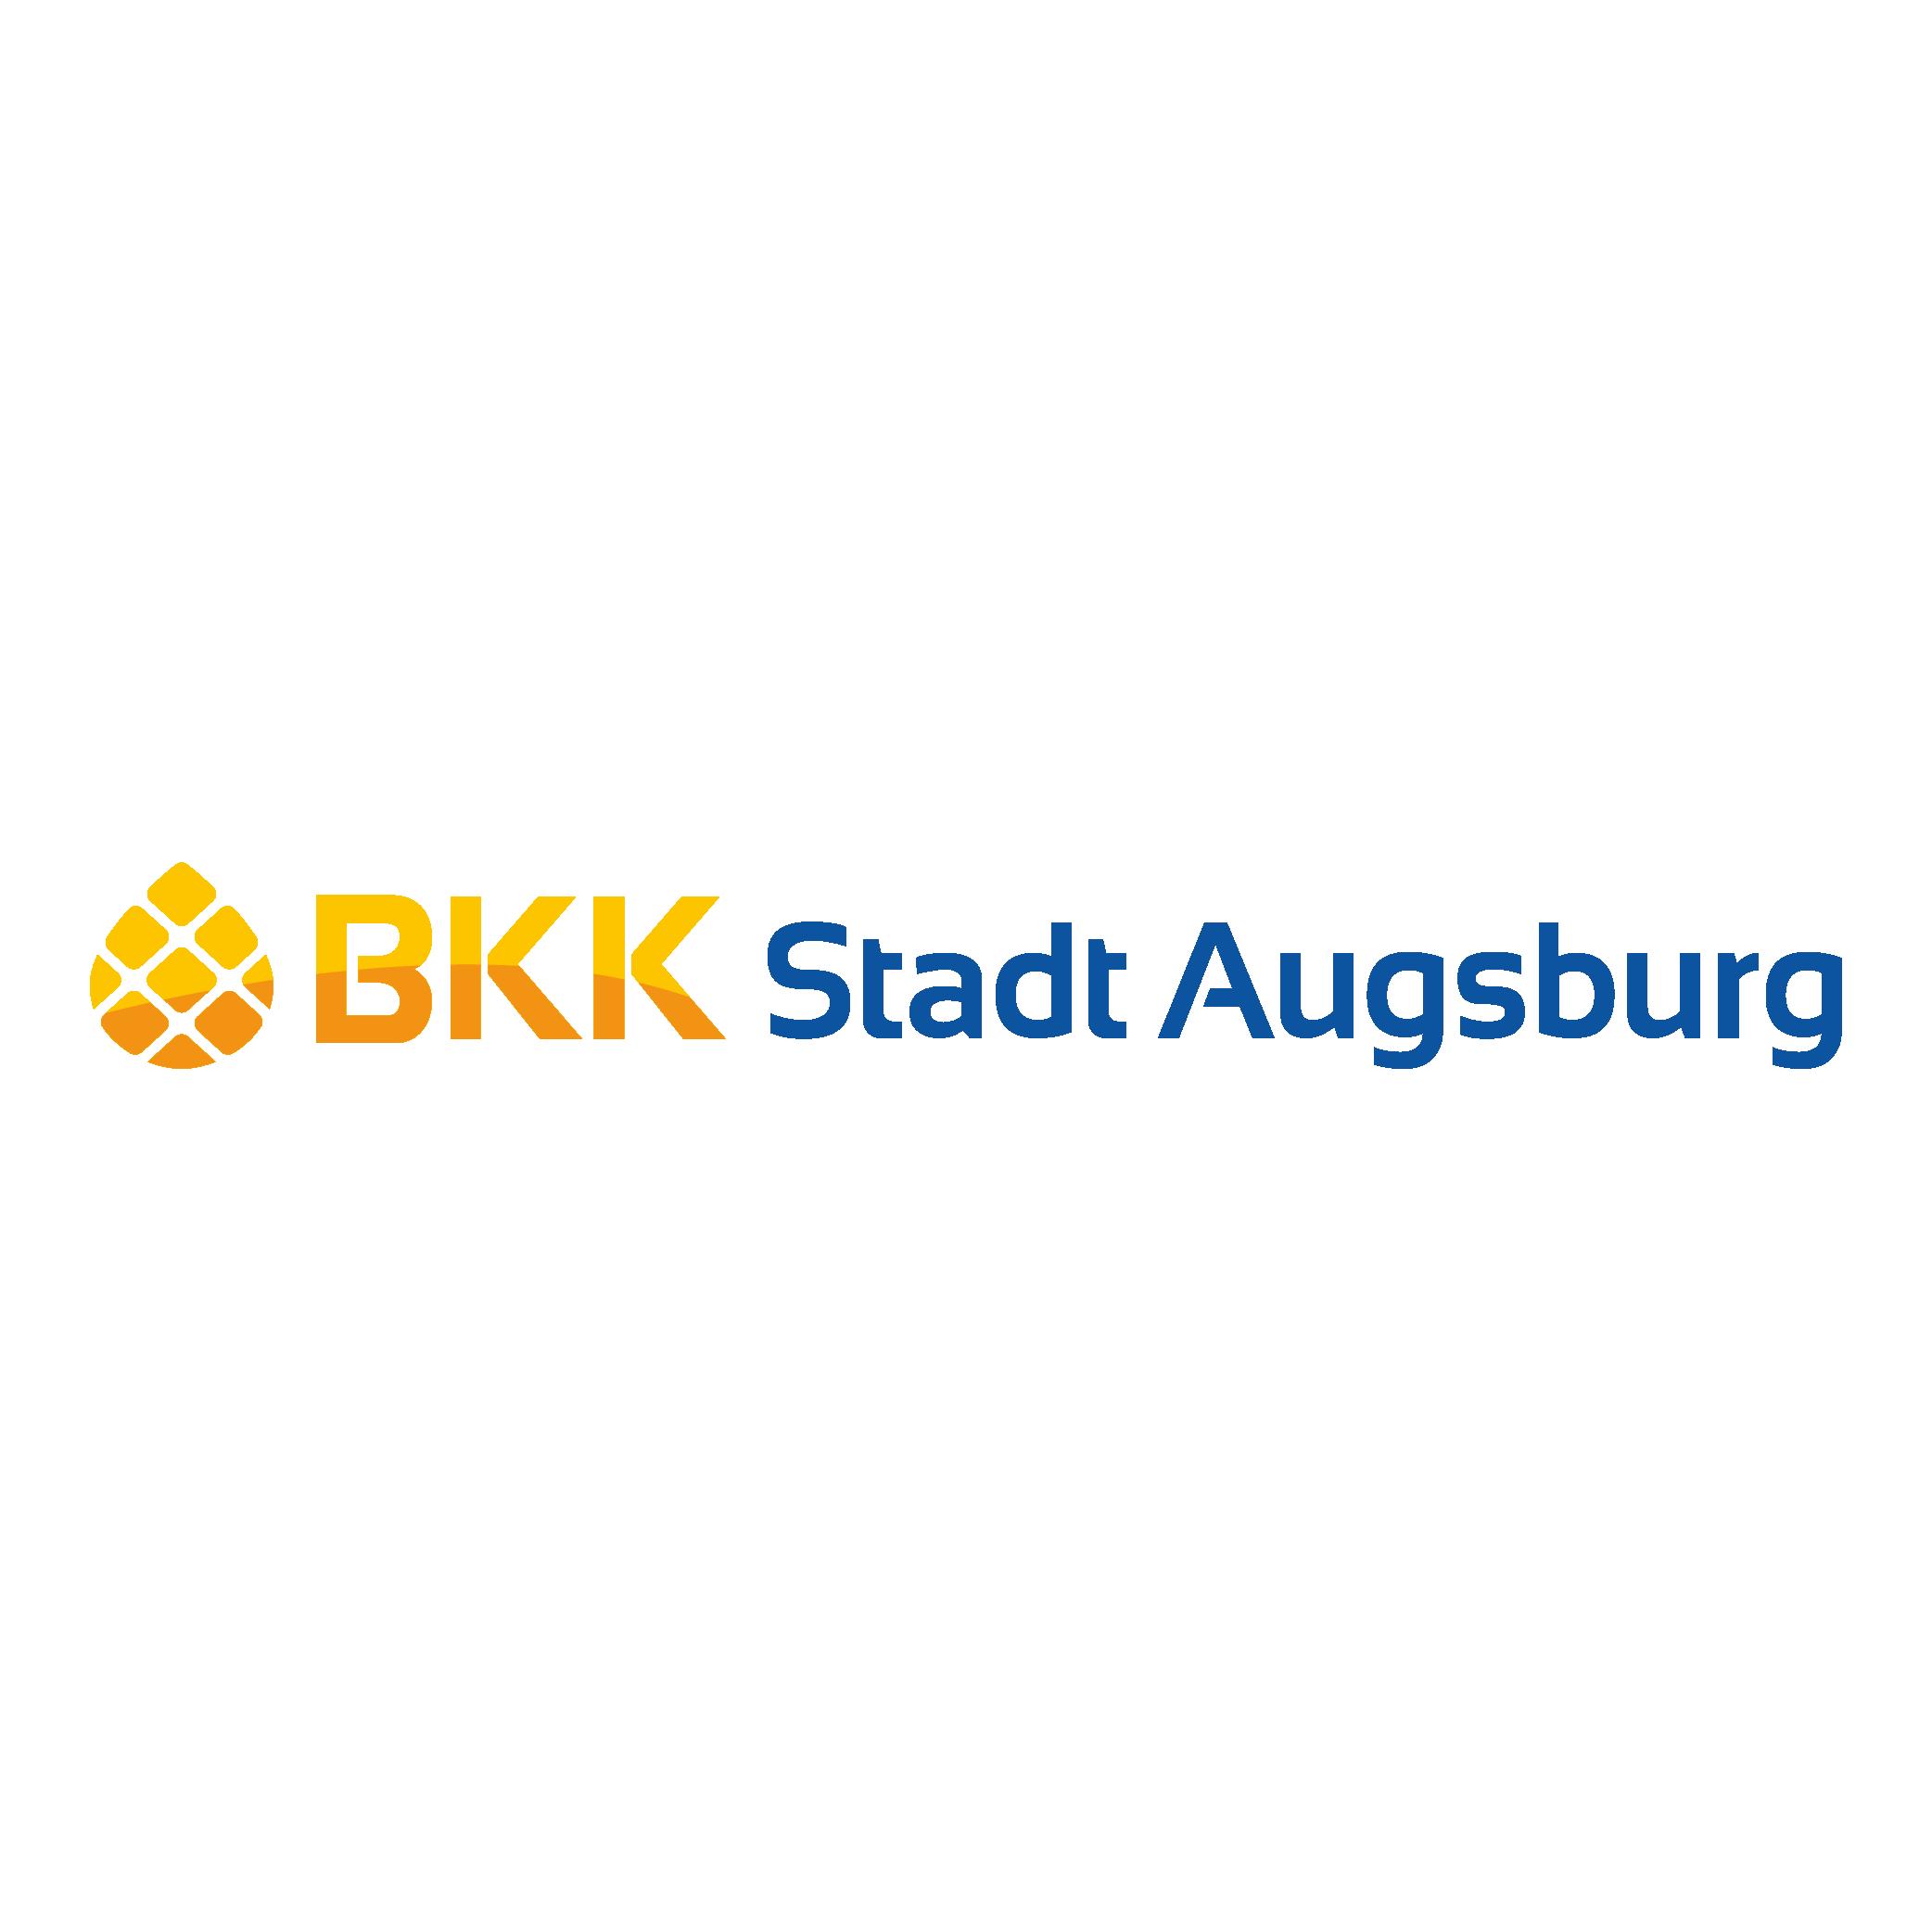 Markenzeichen der BKK Stadt Augsburg